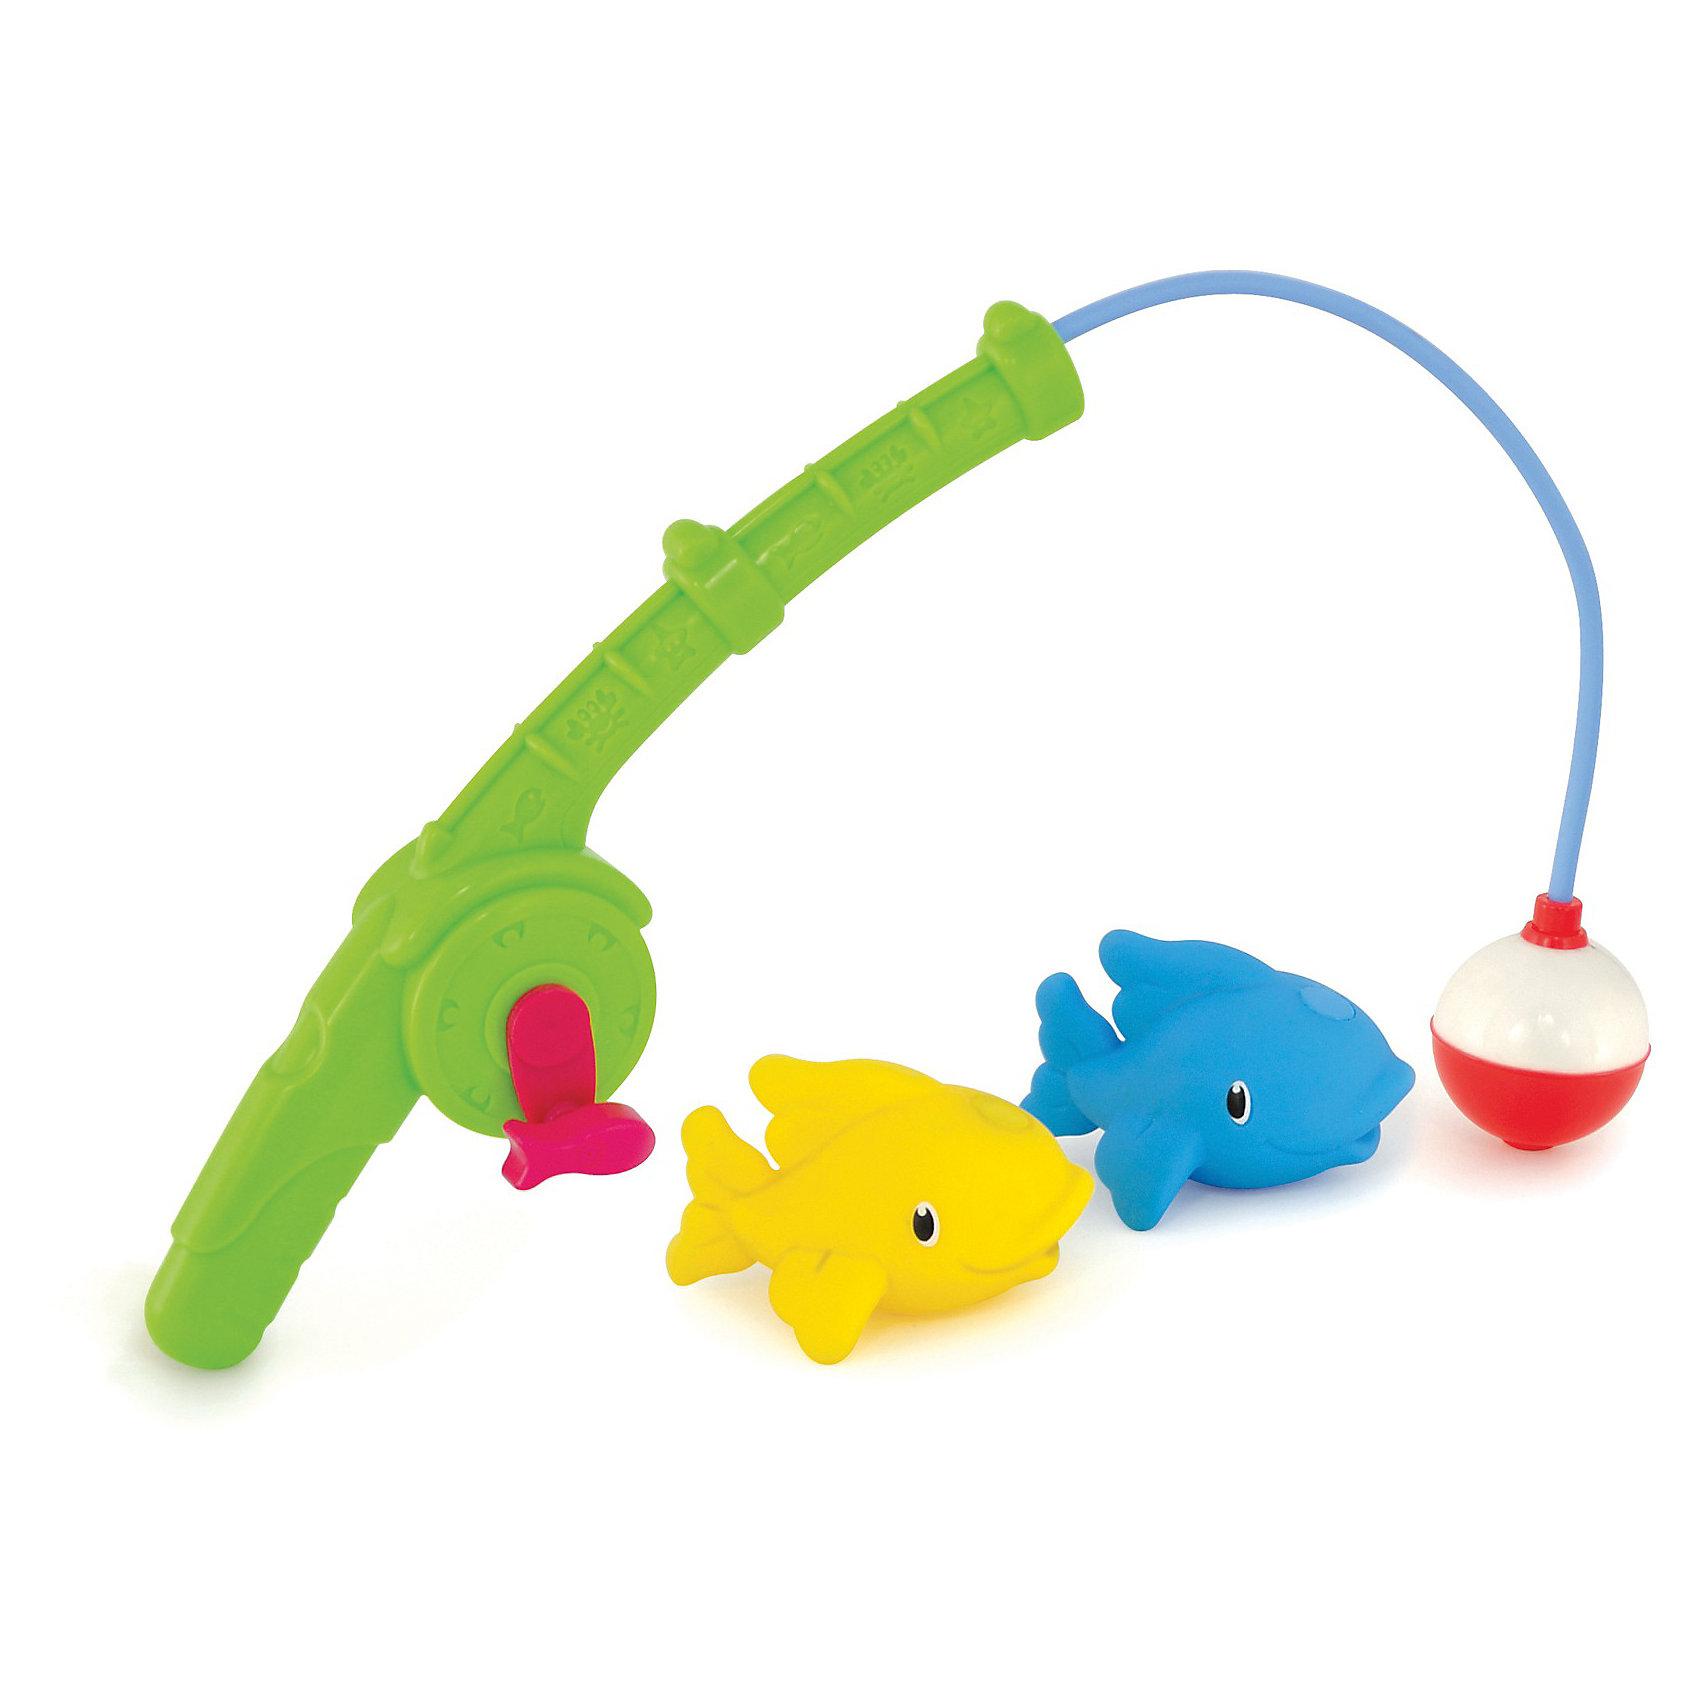 Игрушки для ванной Весёлая рыбалка, Munchkin от myToys